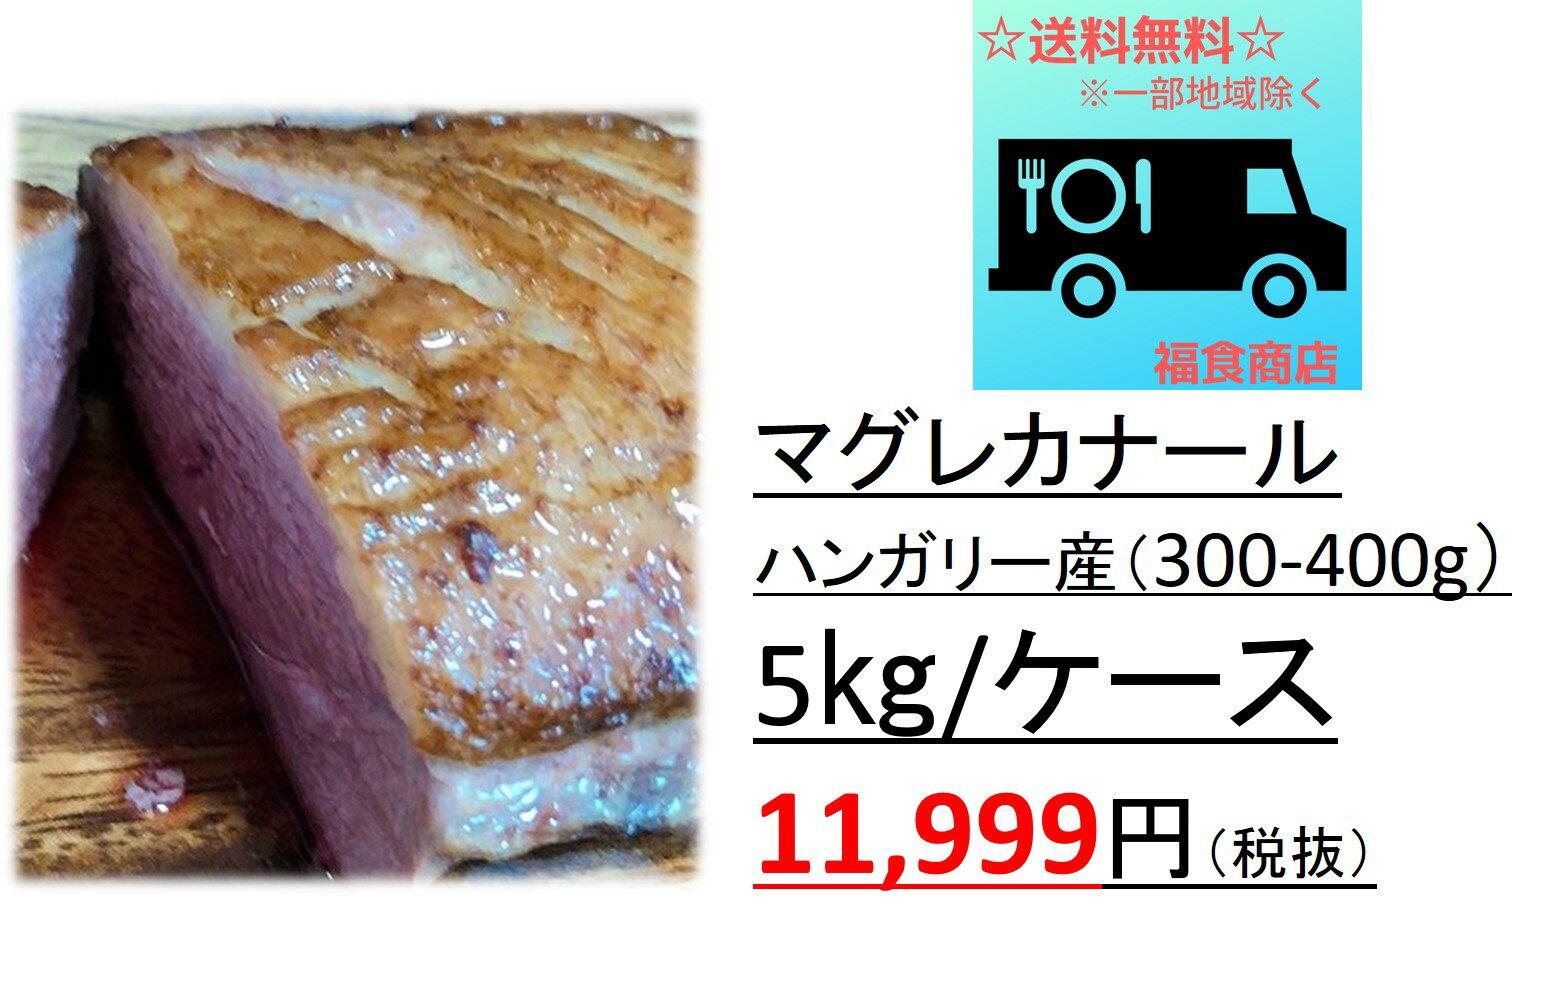 【送料無料】5キロ マグレカナール 鴨胸肉 300-400g 約5kg フォアグラ採取 鴨胸 ハンガリー産